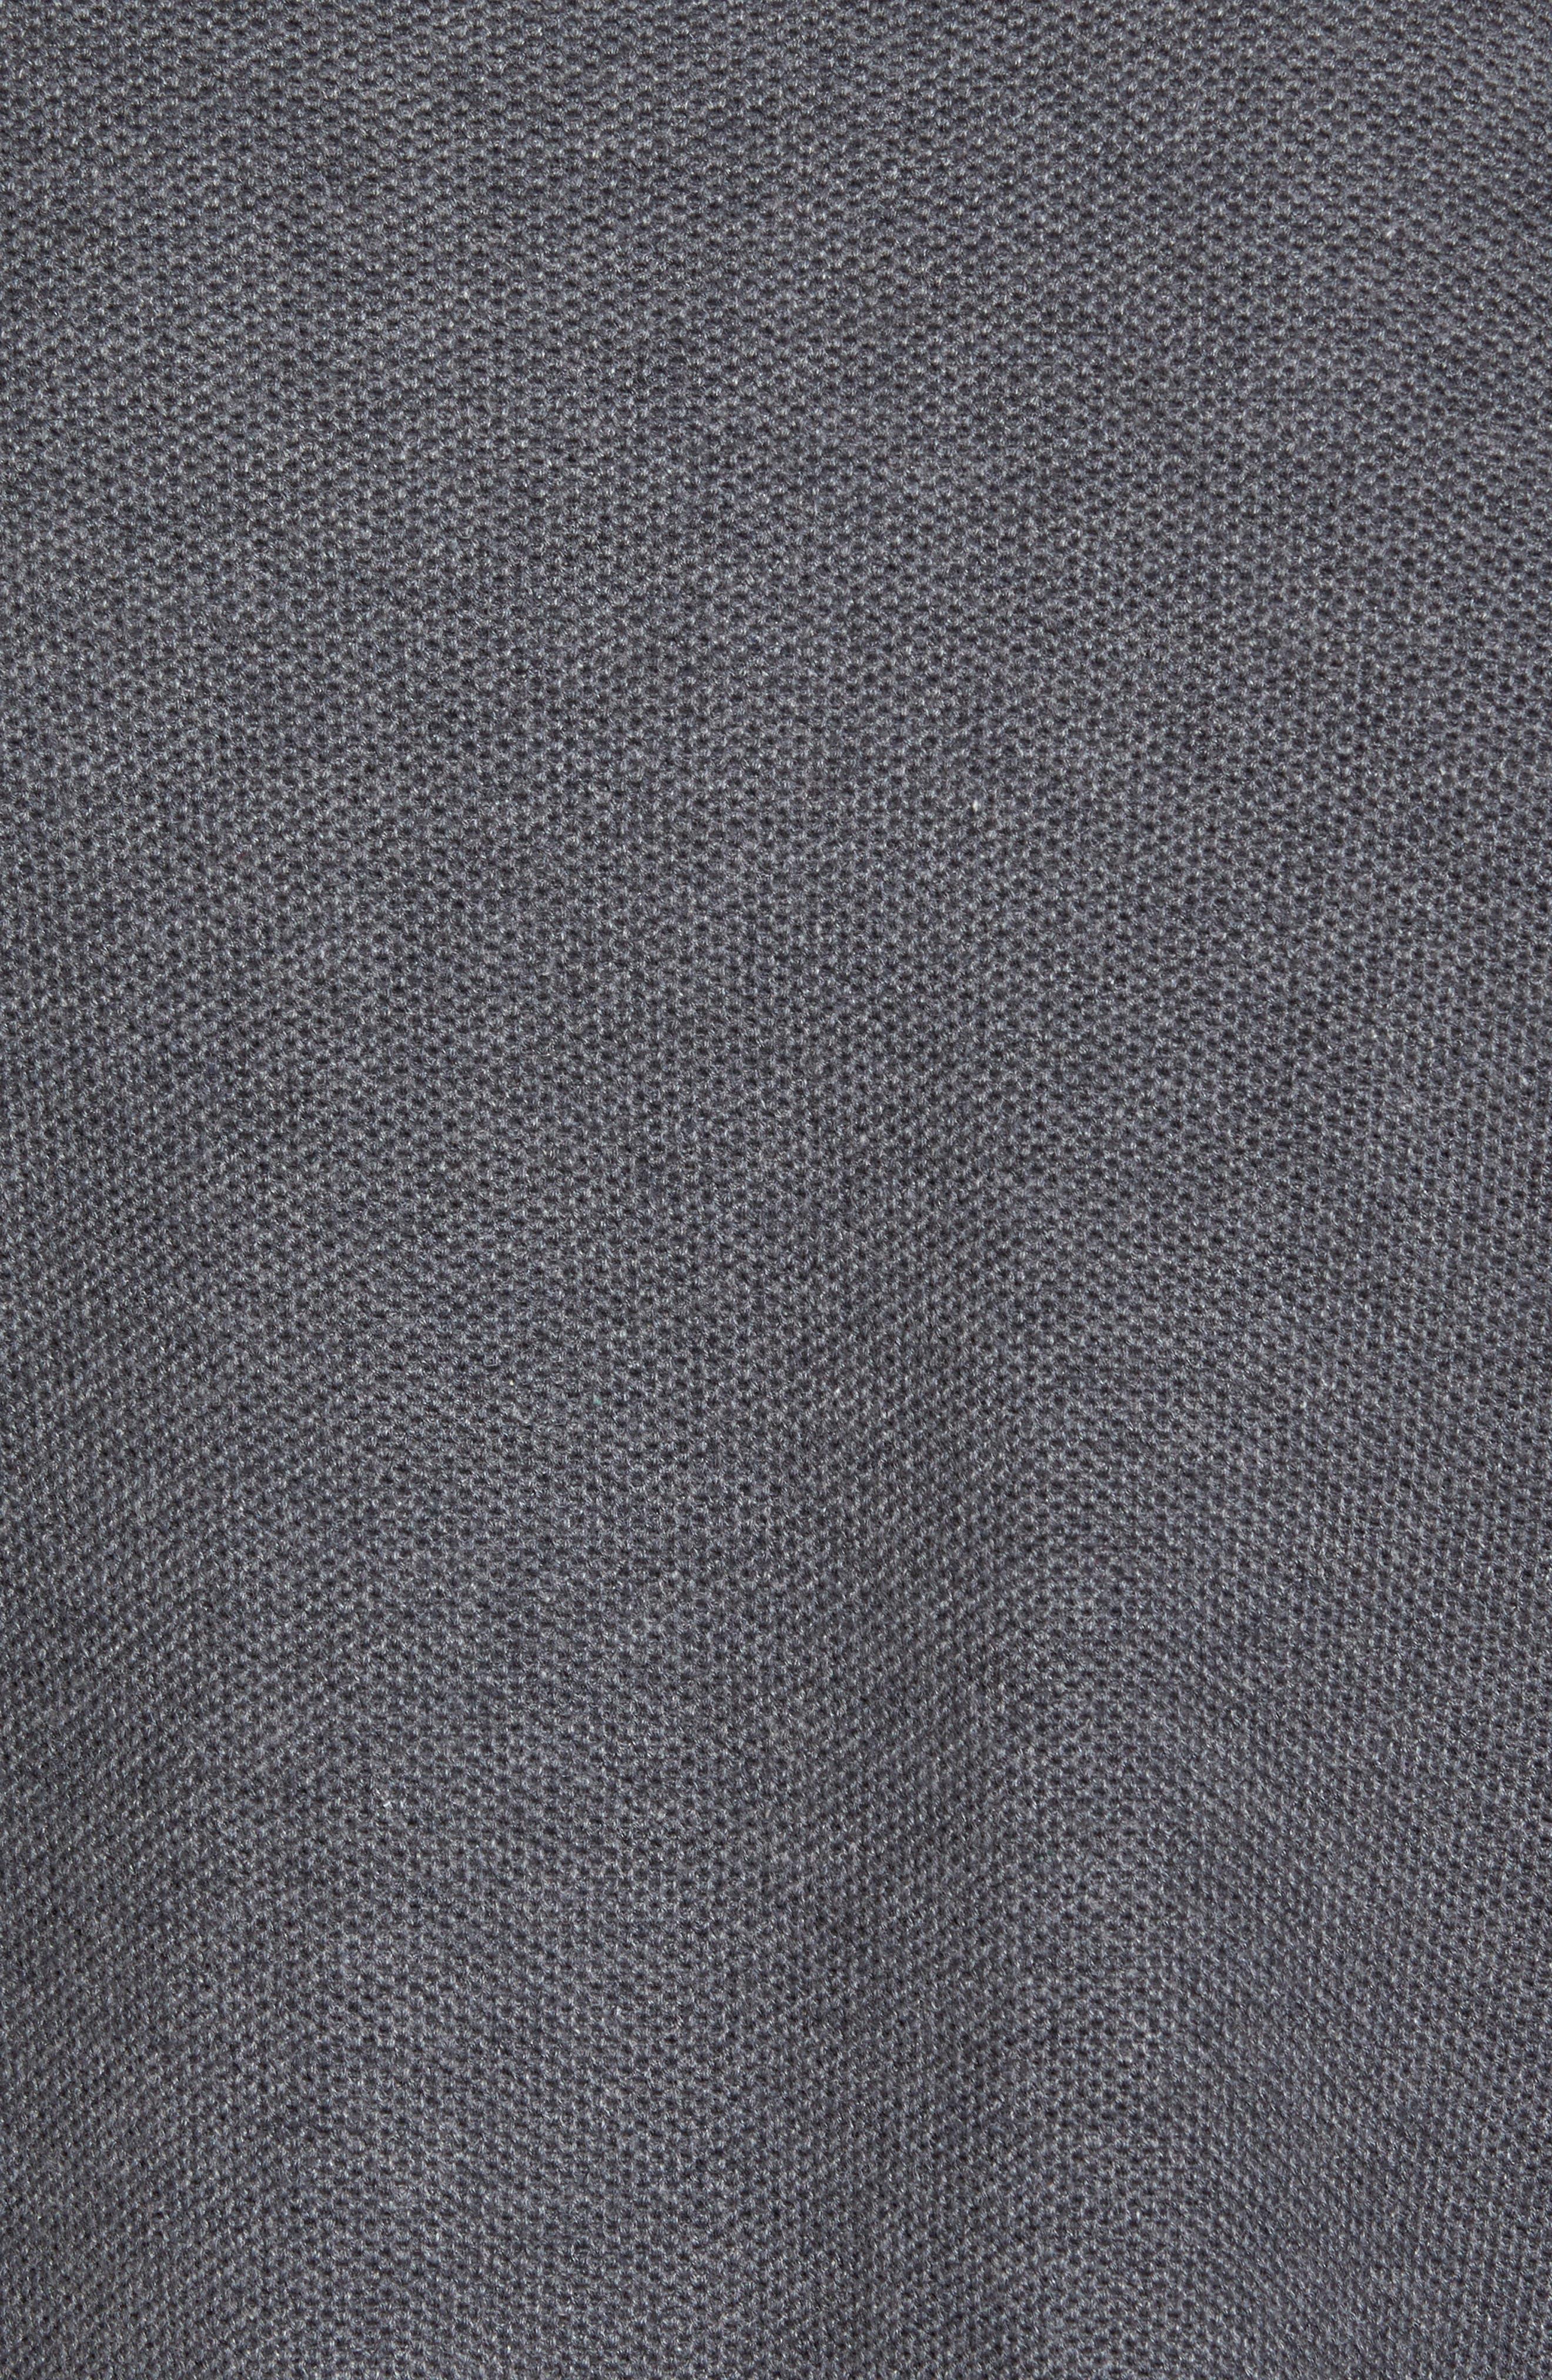 Alternate Image 5  - TailorByrd Kinder Quarter Zip Pullover